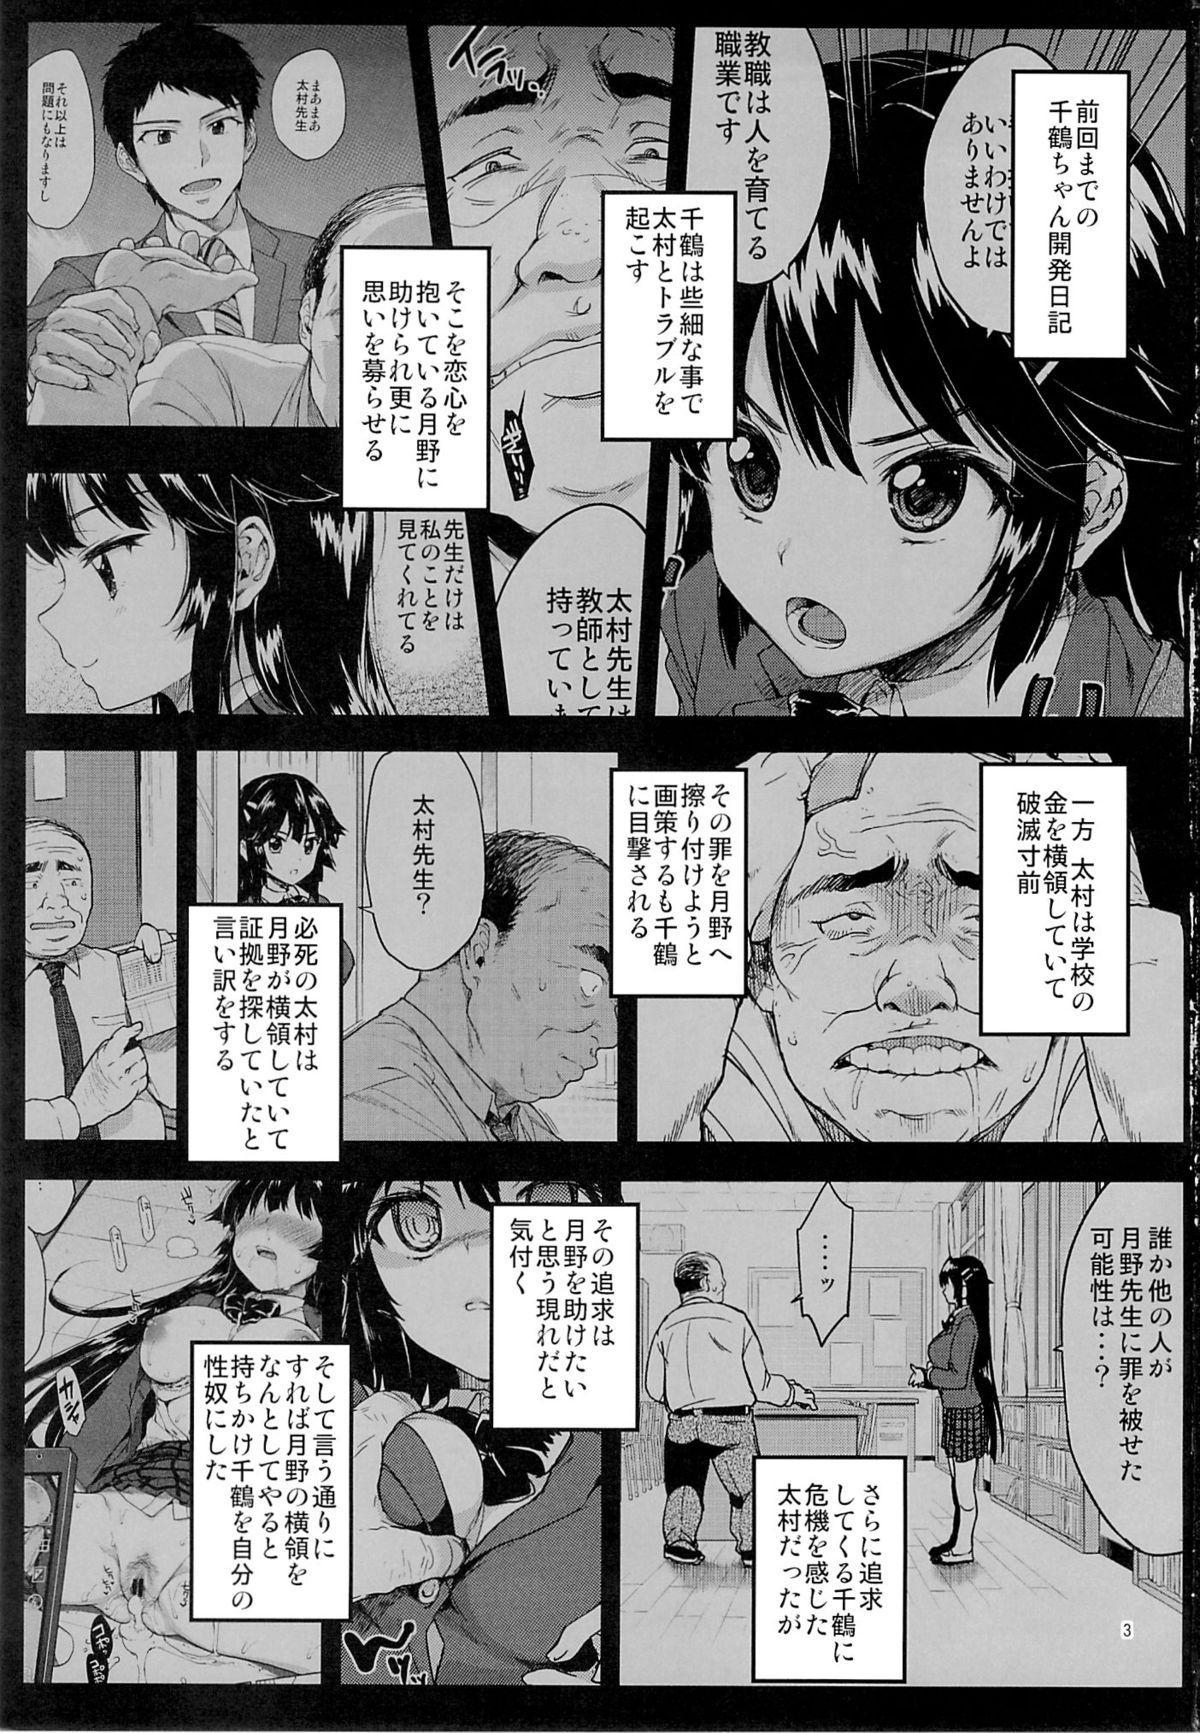 Chizuru-chan Kaihatsu Nikki 2 1